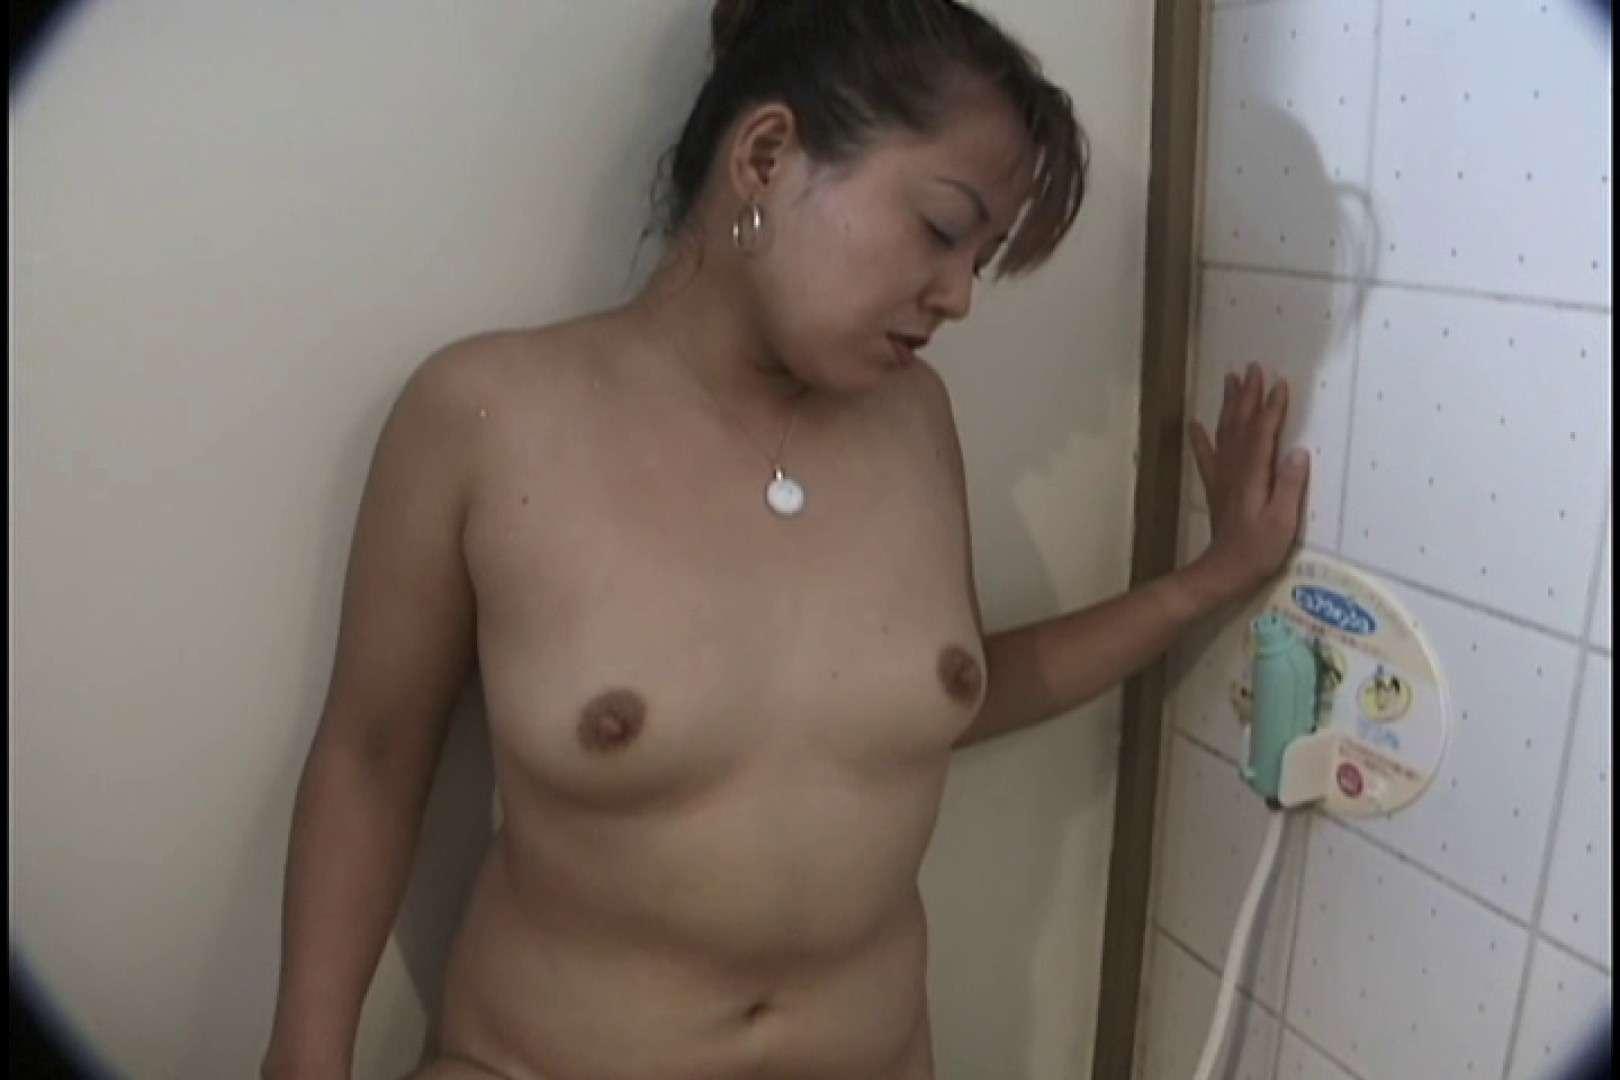 昼間の奥様は欲求不満 ~柴田清美~ 人妻のエッチ 濡れ場動画紹介 91pic 51